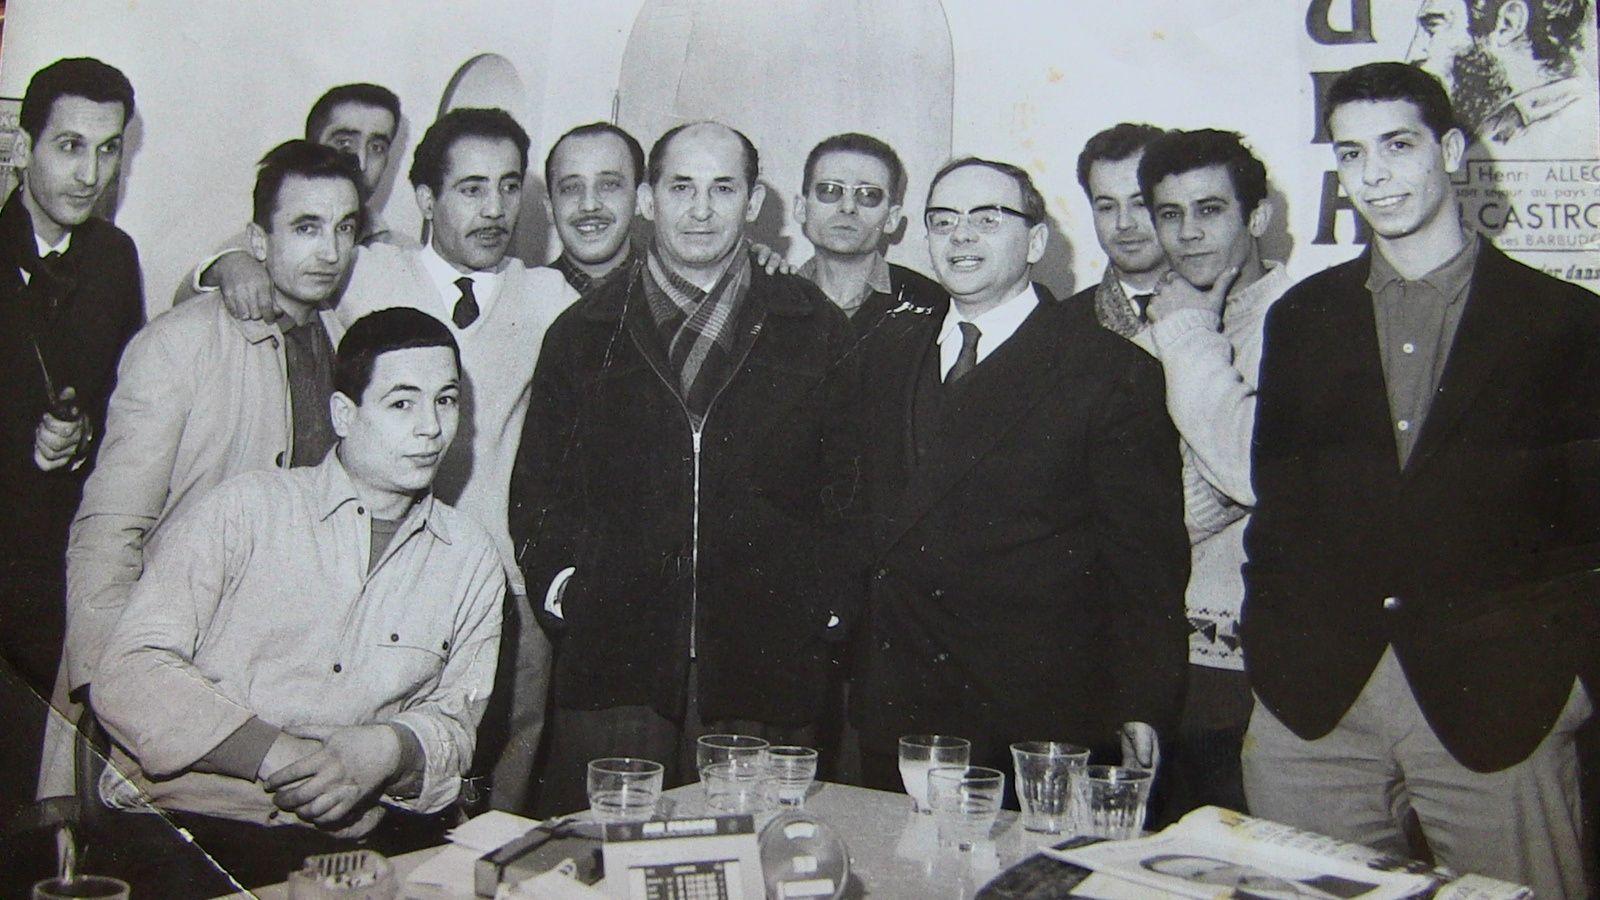 L'équipe d'Alger républicain en 1965. Au centre, Abdelhamid Benzine, Boualem Khalfa et Henri Alleg